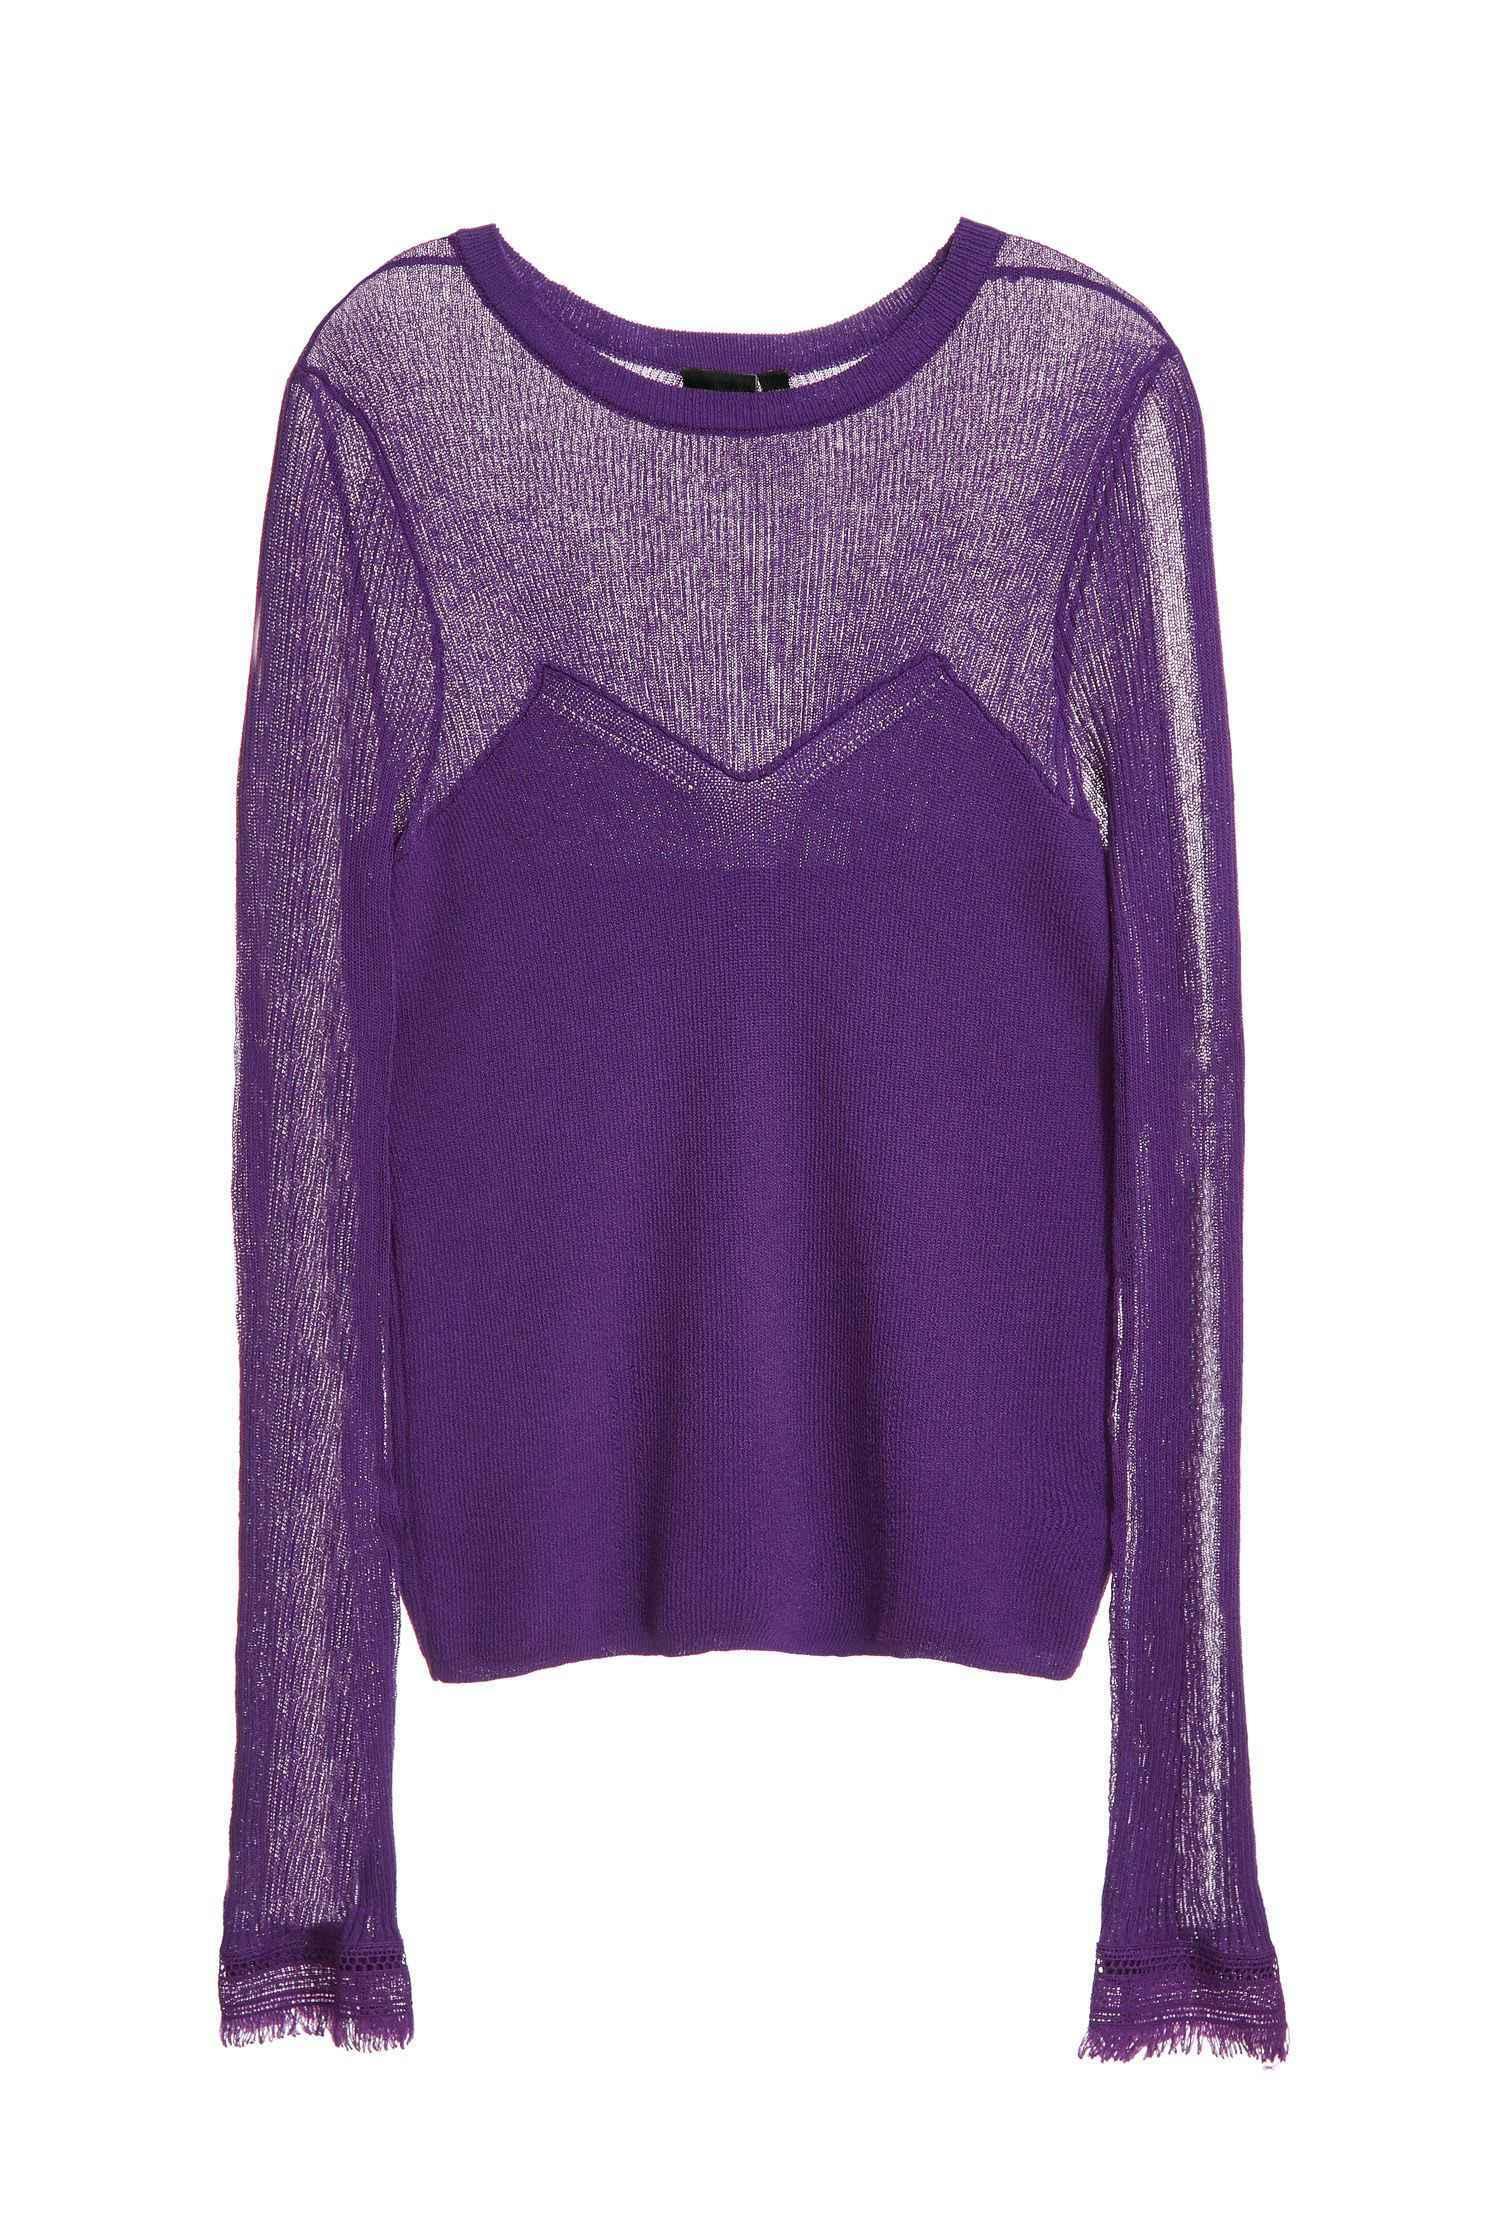 Fit long-sleeved knit wear,fantasypurple,knitting,knittedtop,knittedtop,longsleevetop